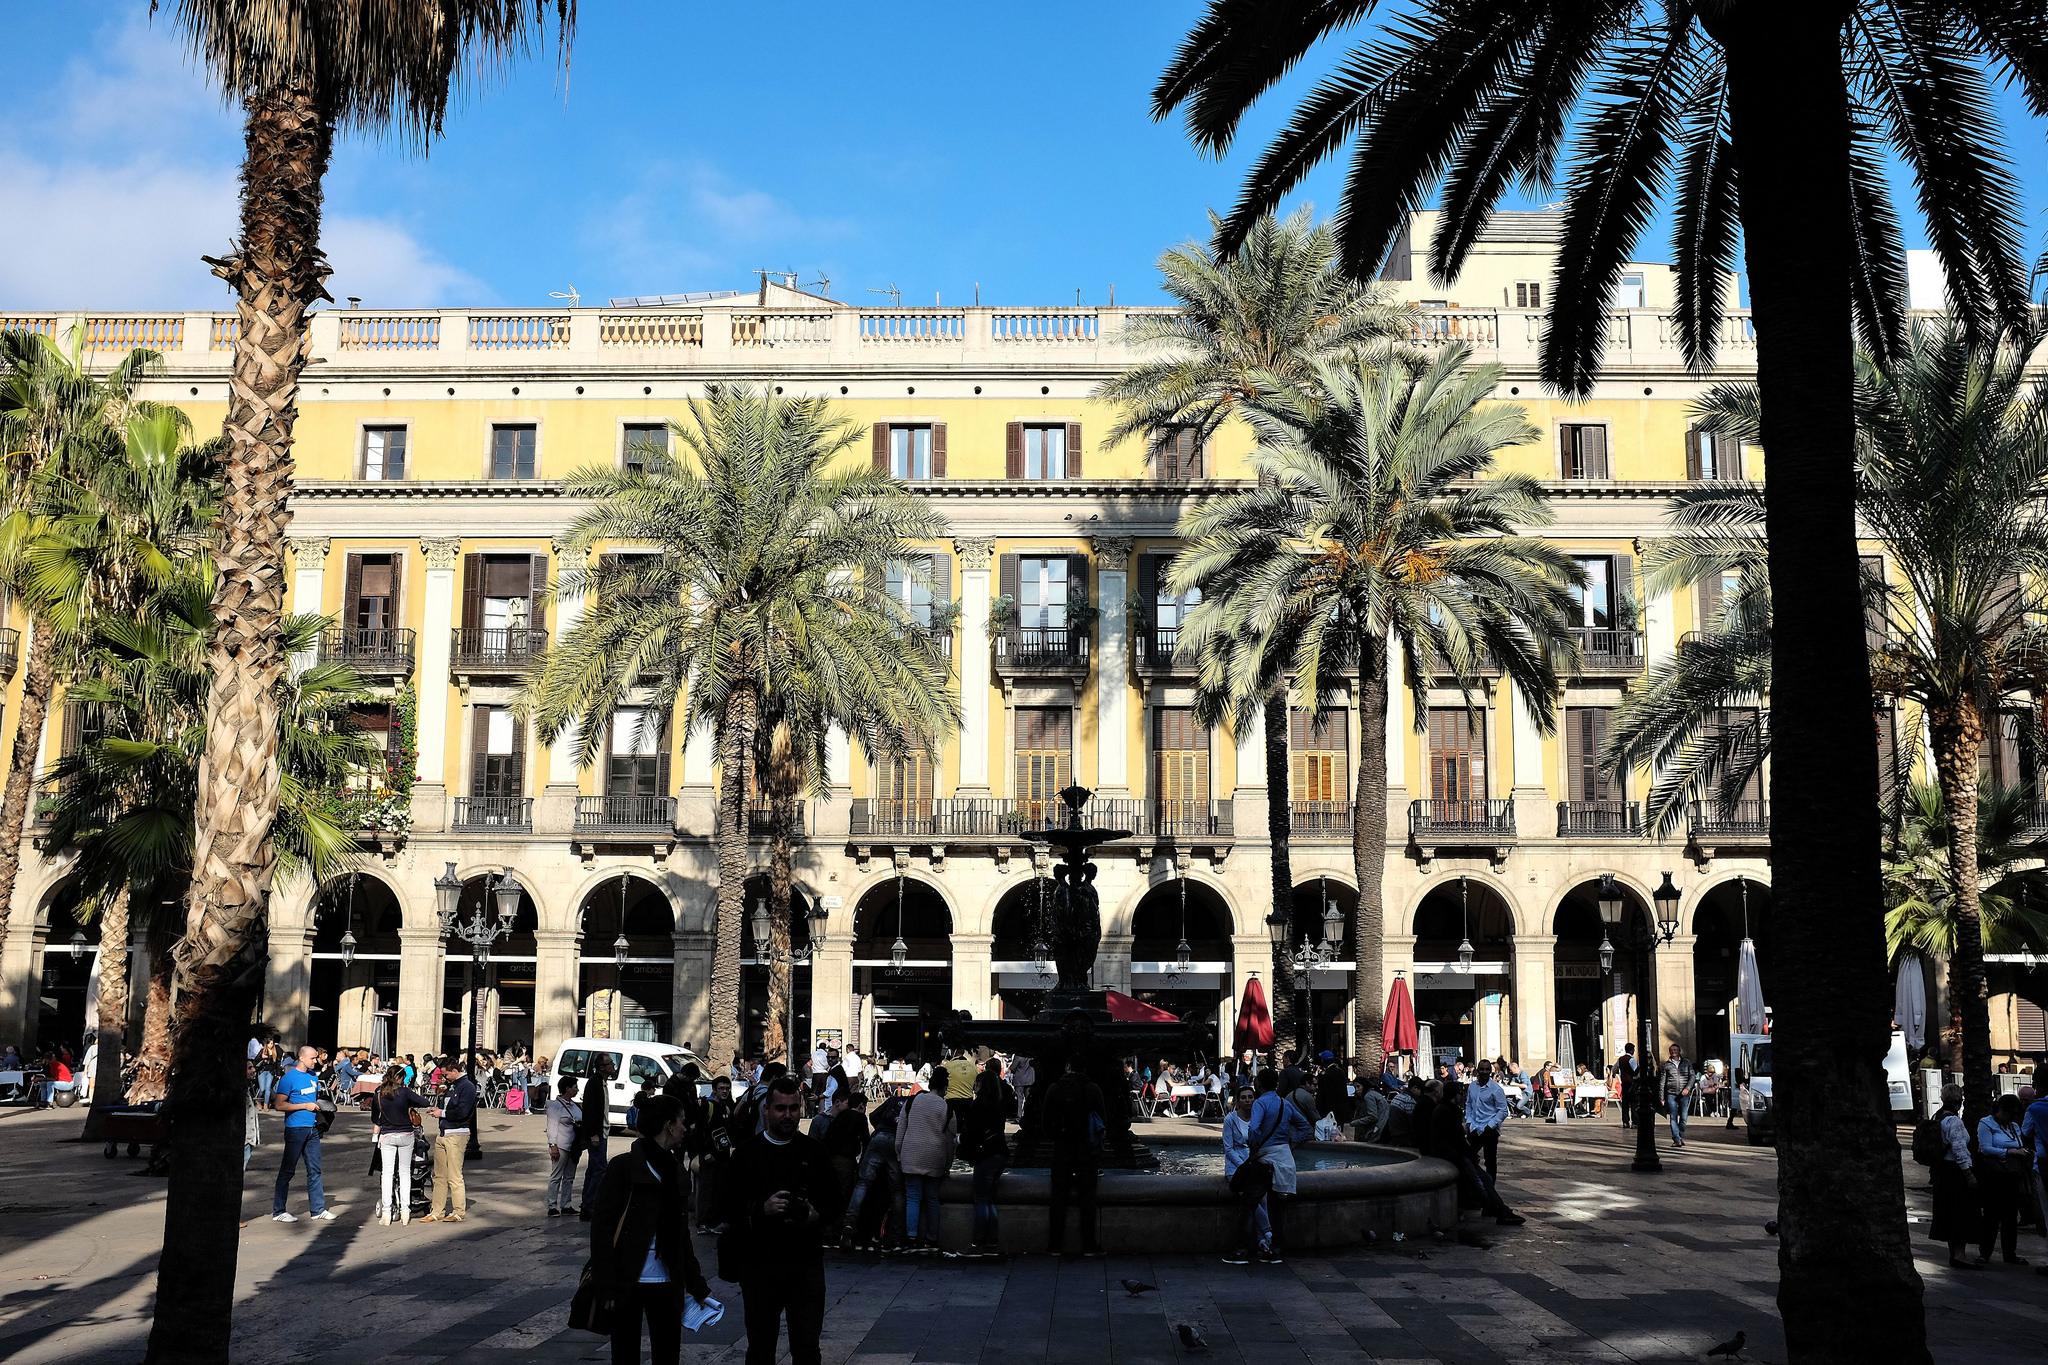 Barcelone la cosmopolite on descend l - Barcelone hotel piscine interieure ...